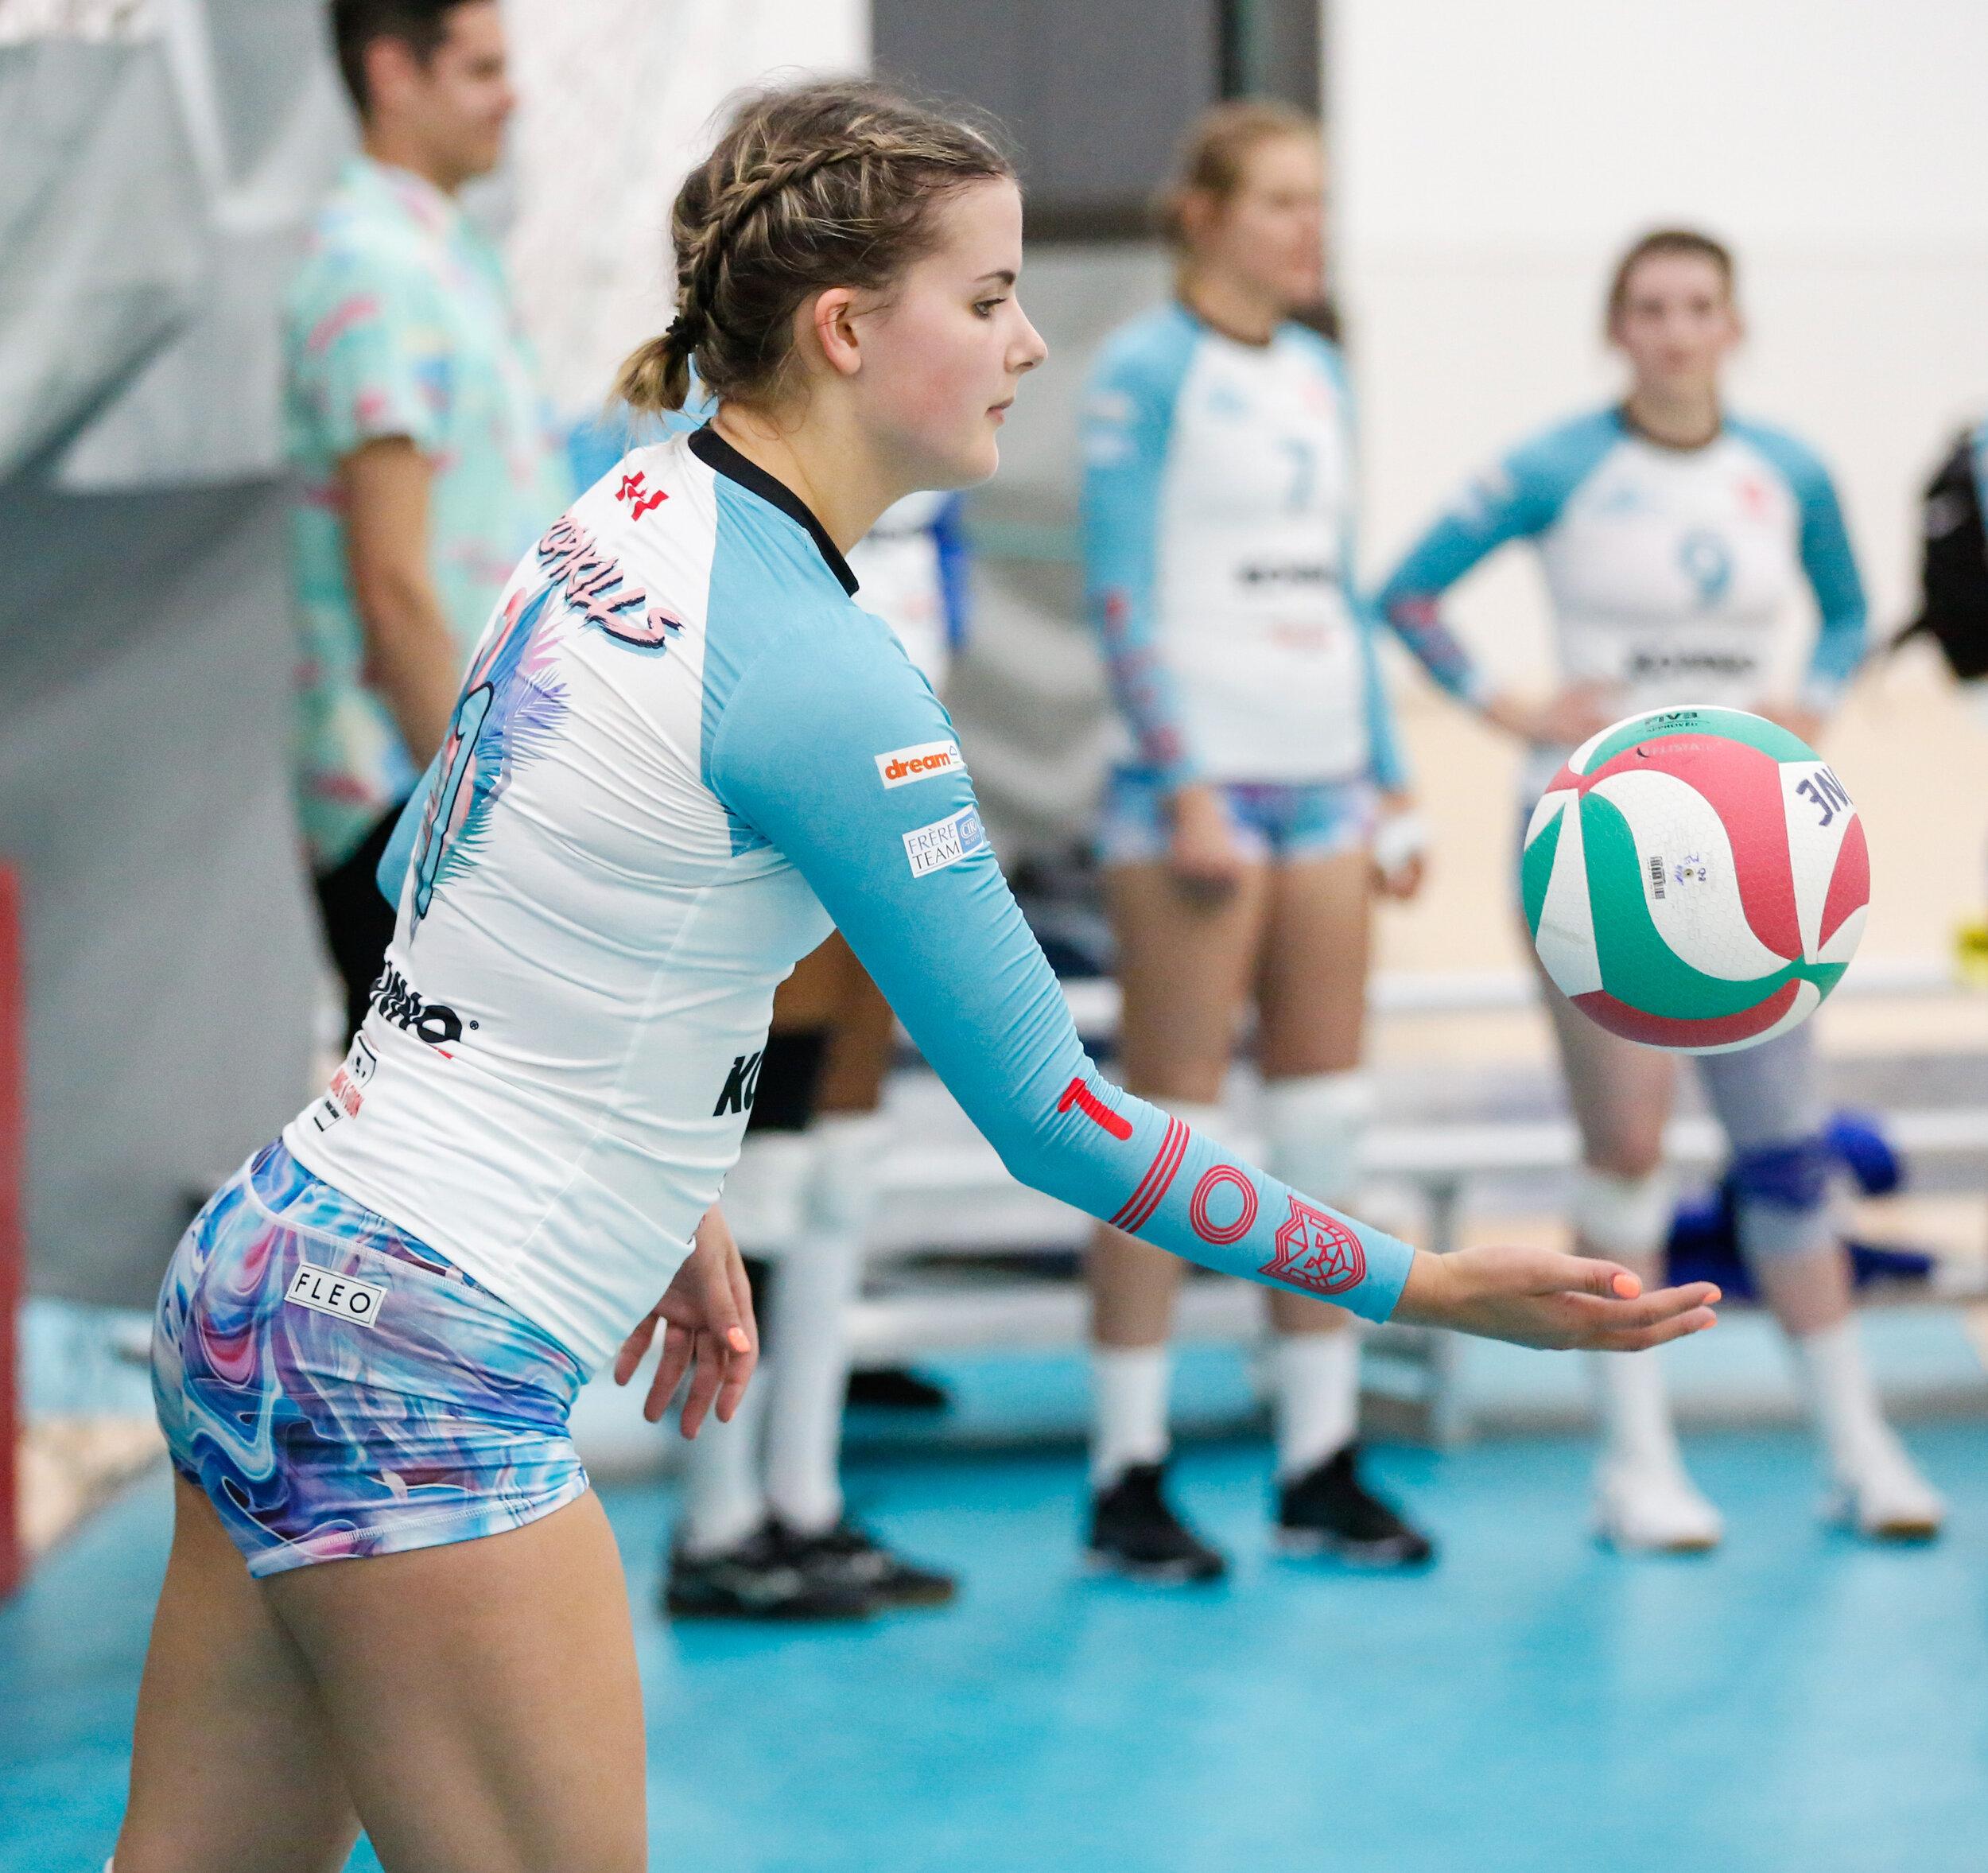 20190627 One Volleyball Round 6 DH 0362.jpg